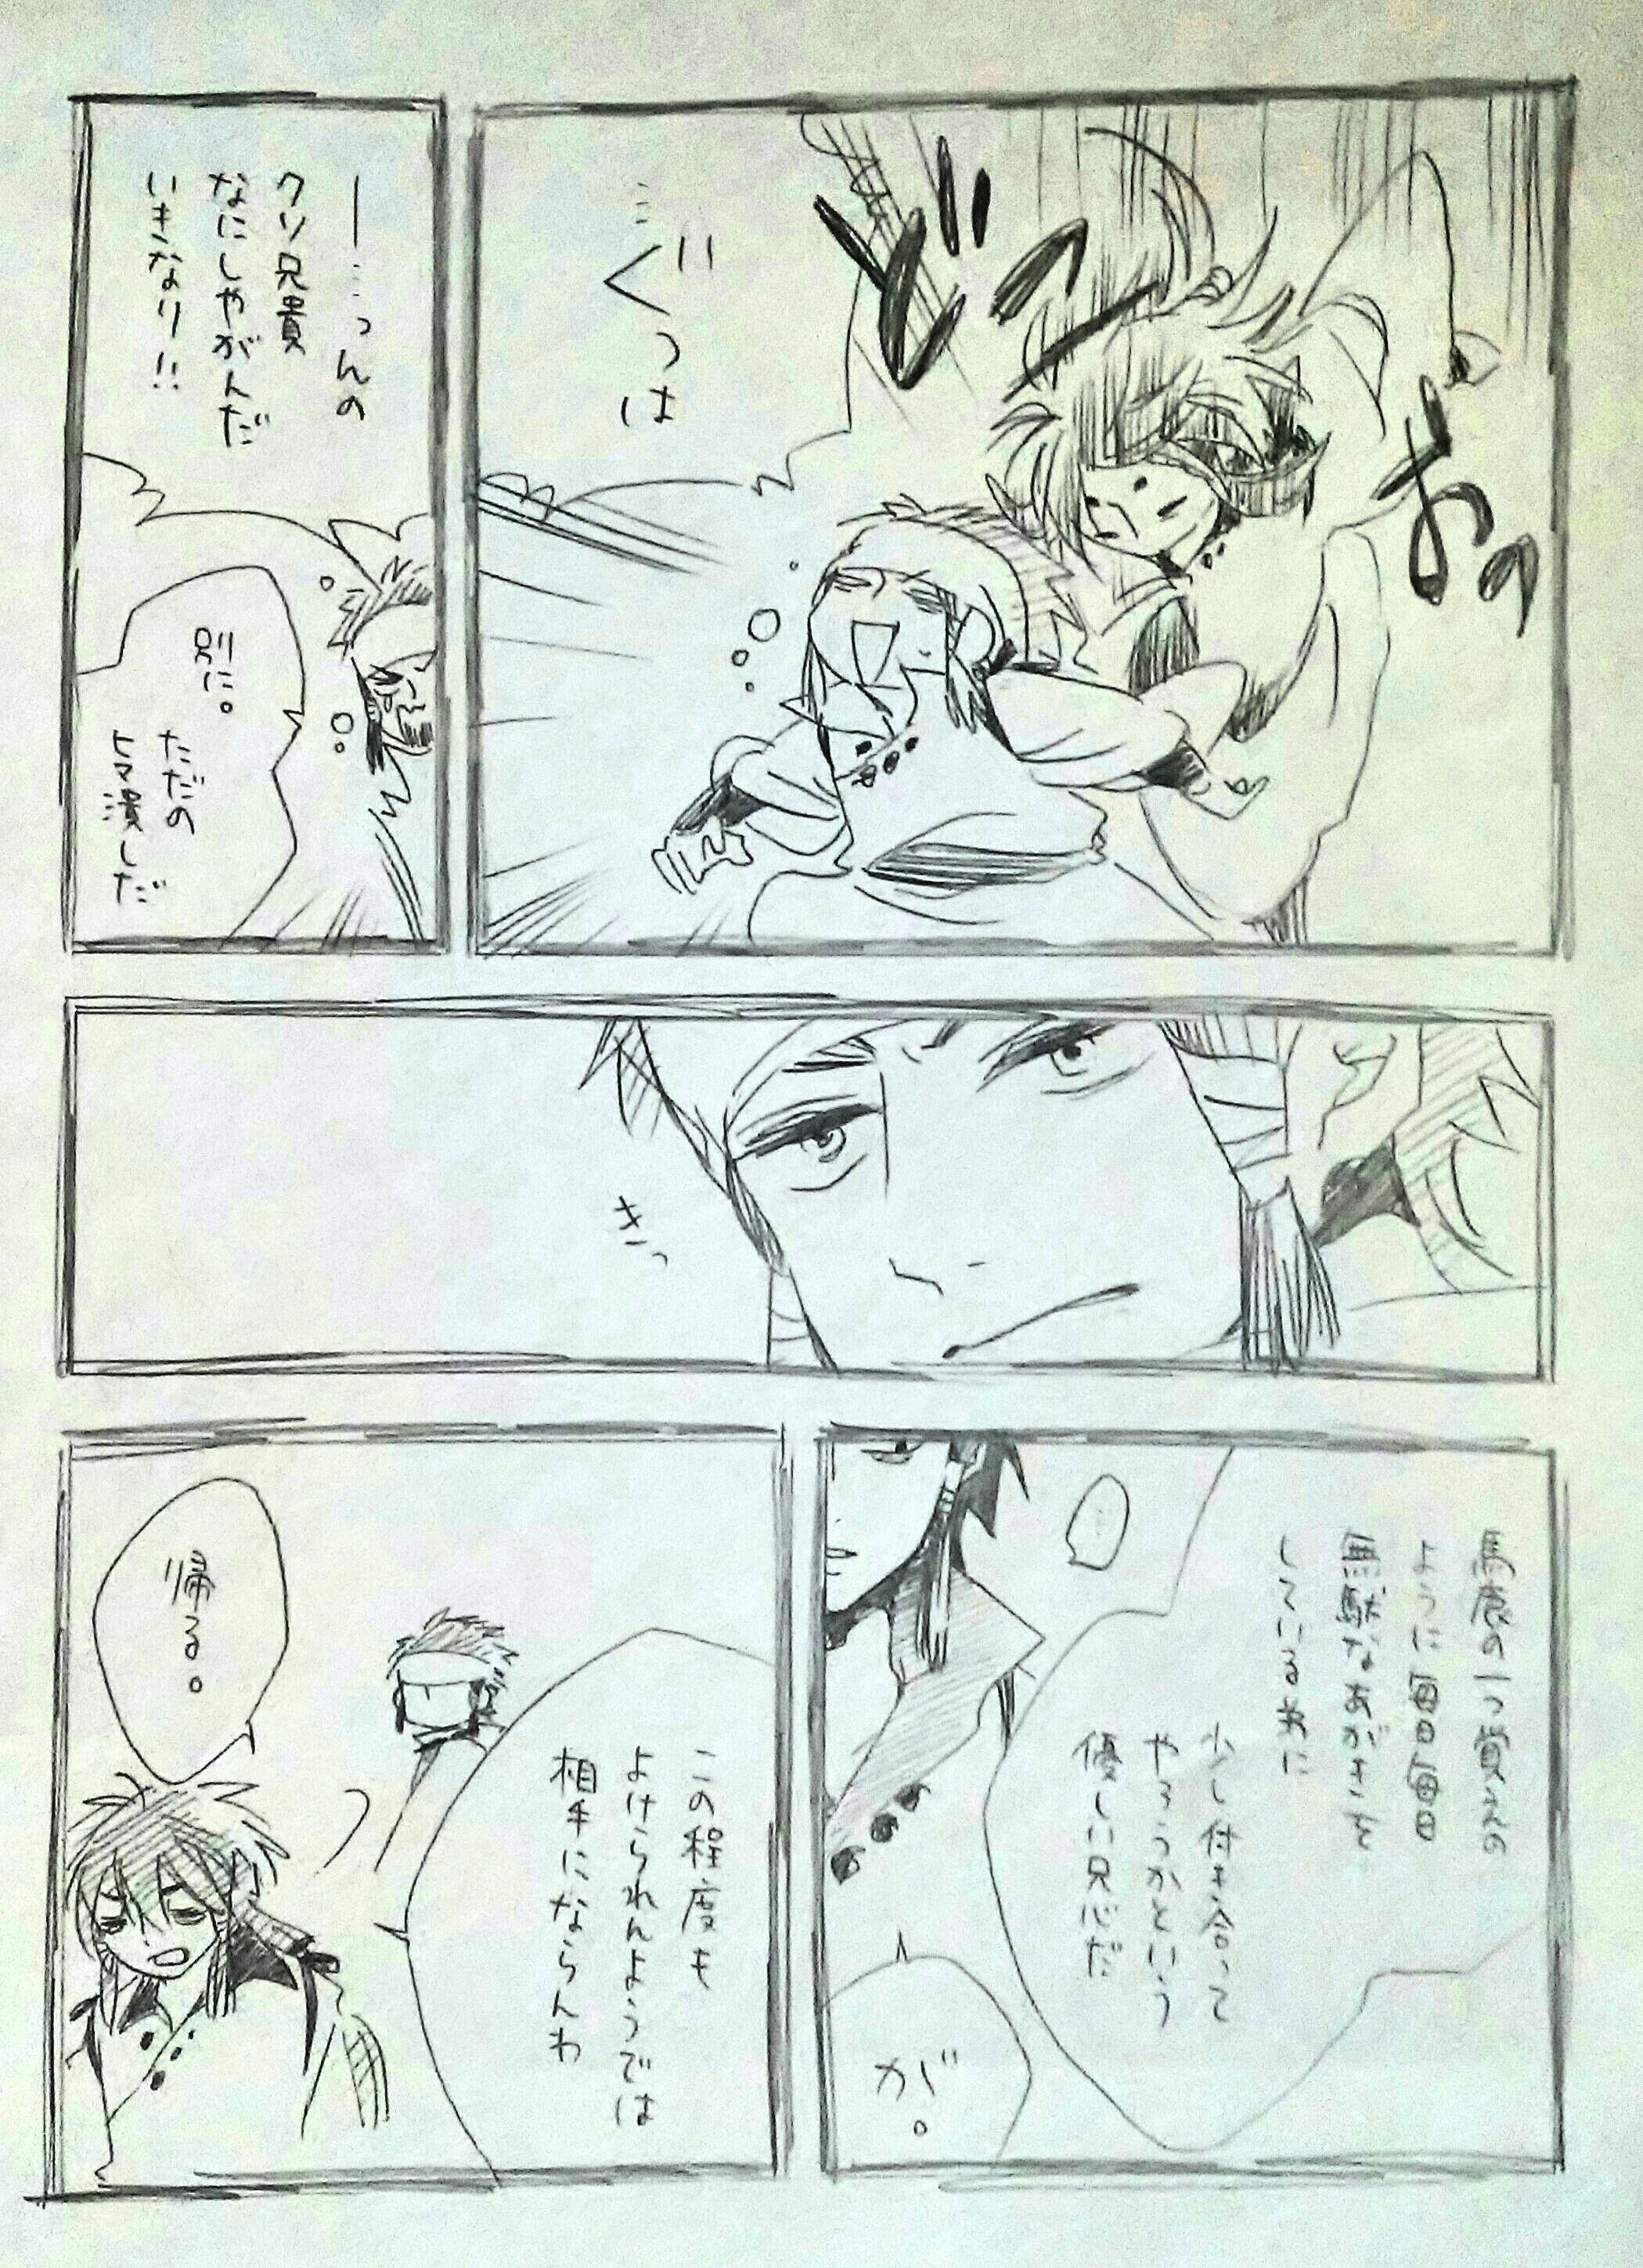 「インアシュらくがき詰め合わせ3」/「浦口」の漫画 [pixiv]